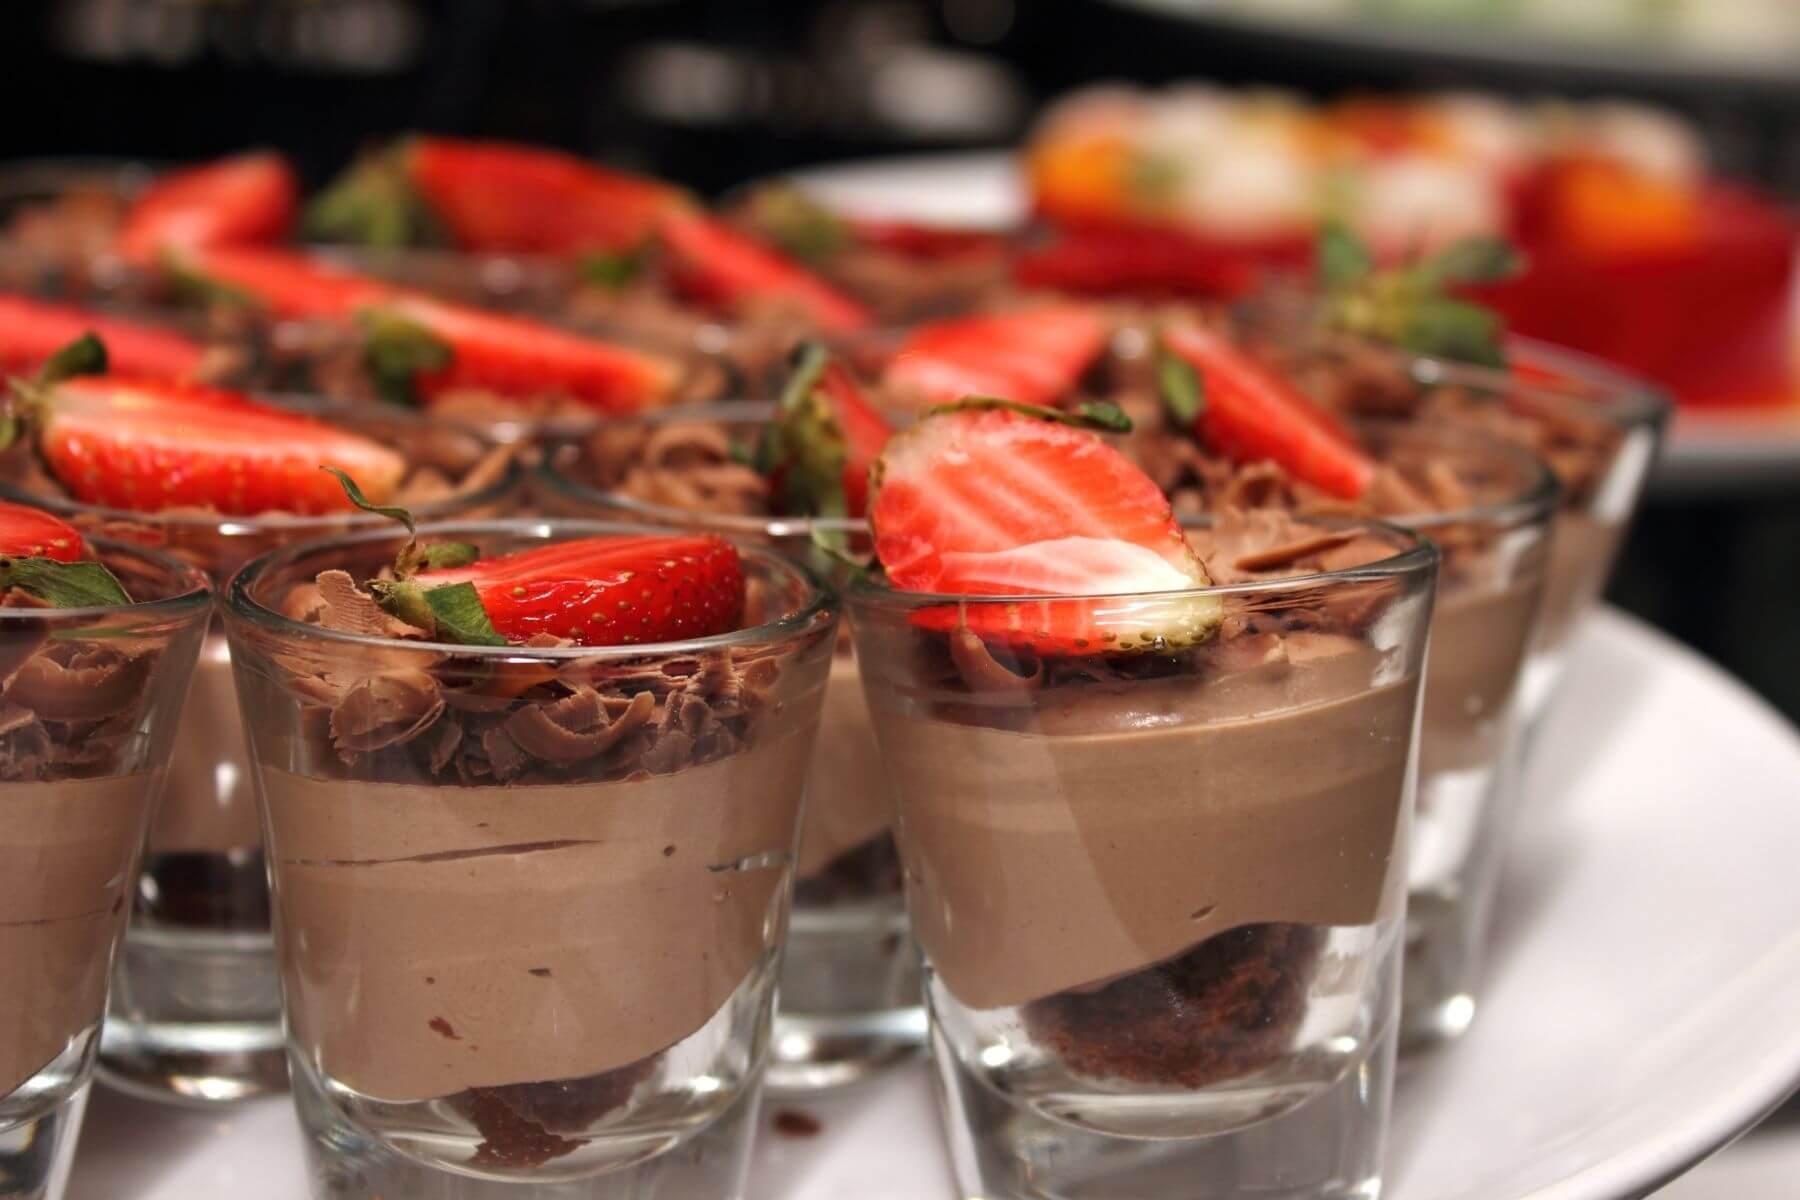 วิธีทำมูสช็อกโกแลต